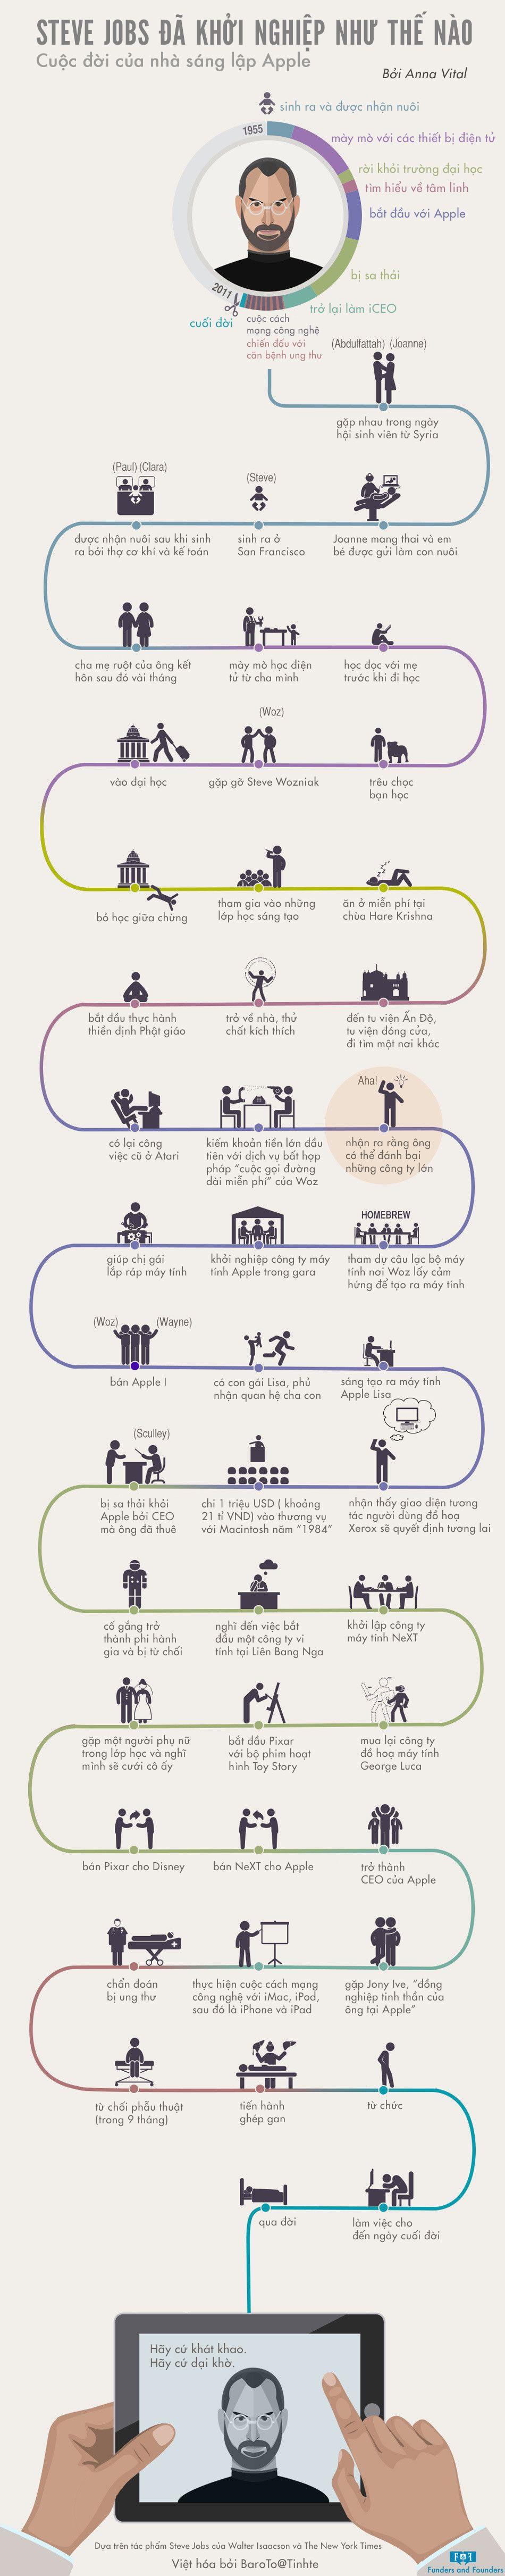 Kết quả hình ảnh cho infographic mẹo vặt nhà cửa Steve